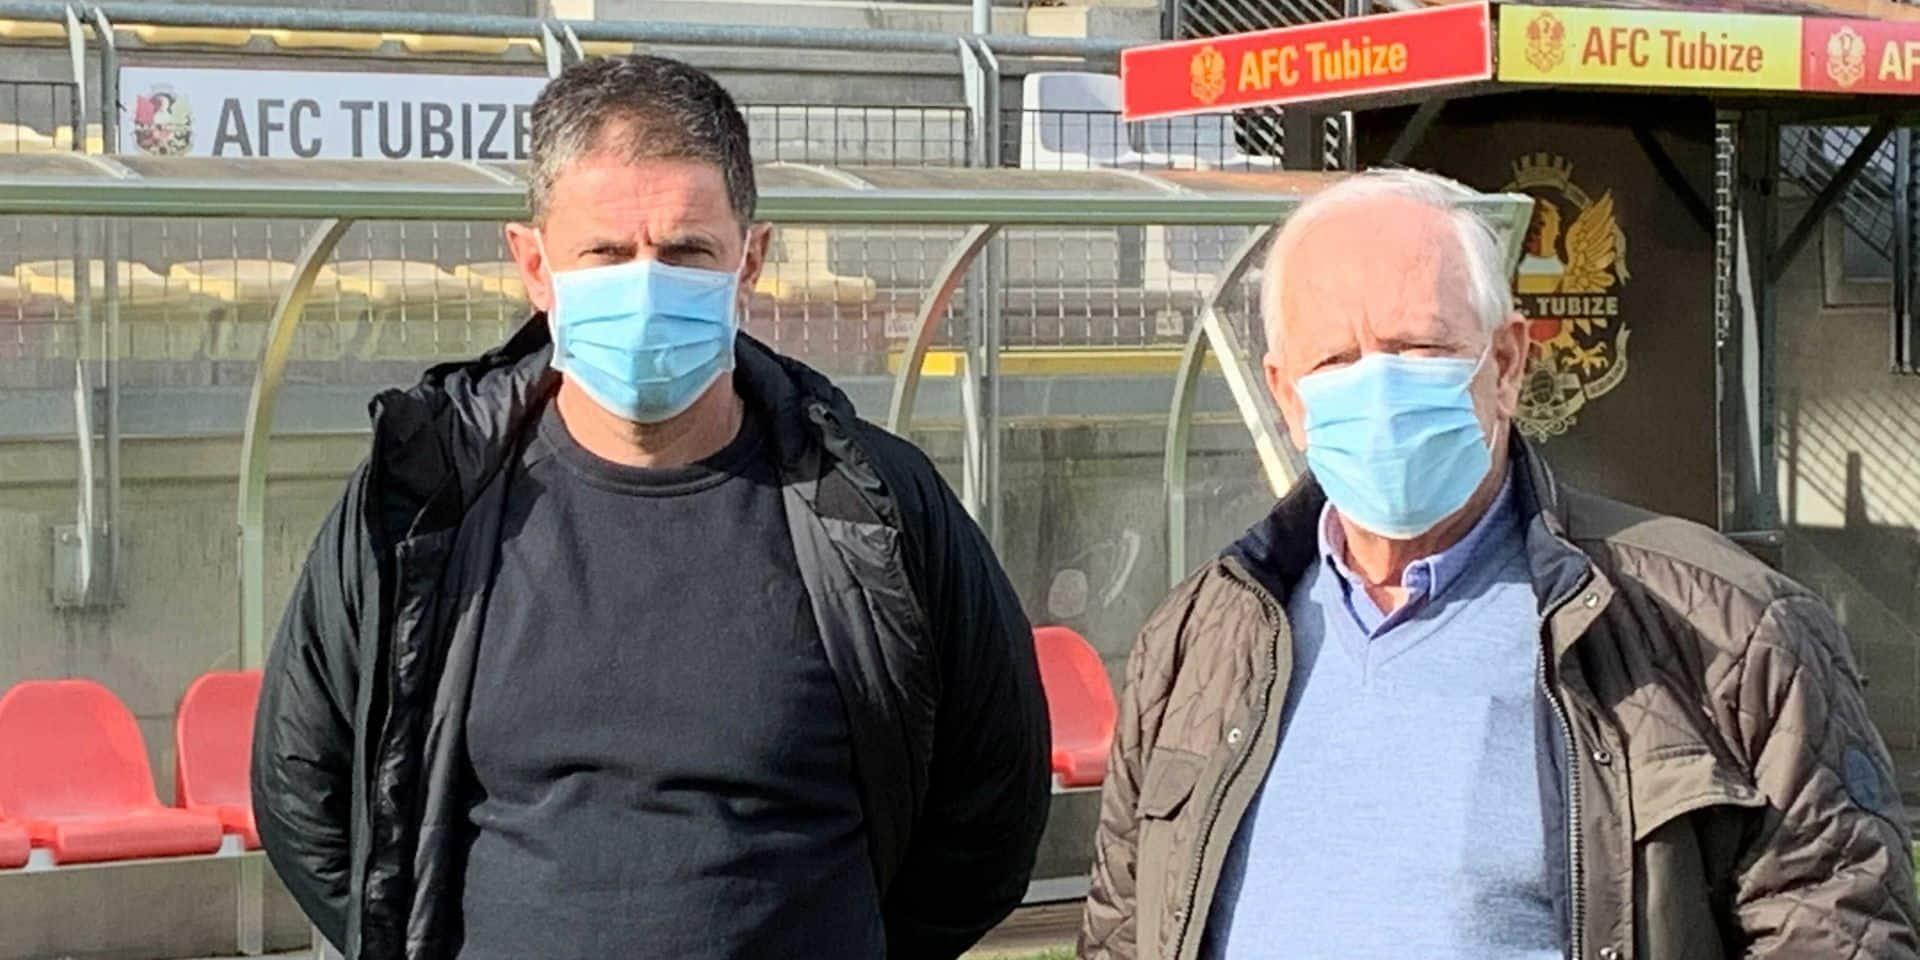 La fusion entre l'AFC Tubize et le Stade Brainois se confirme mais...